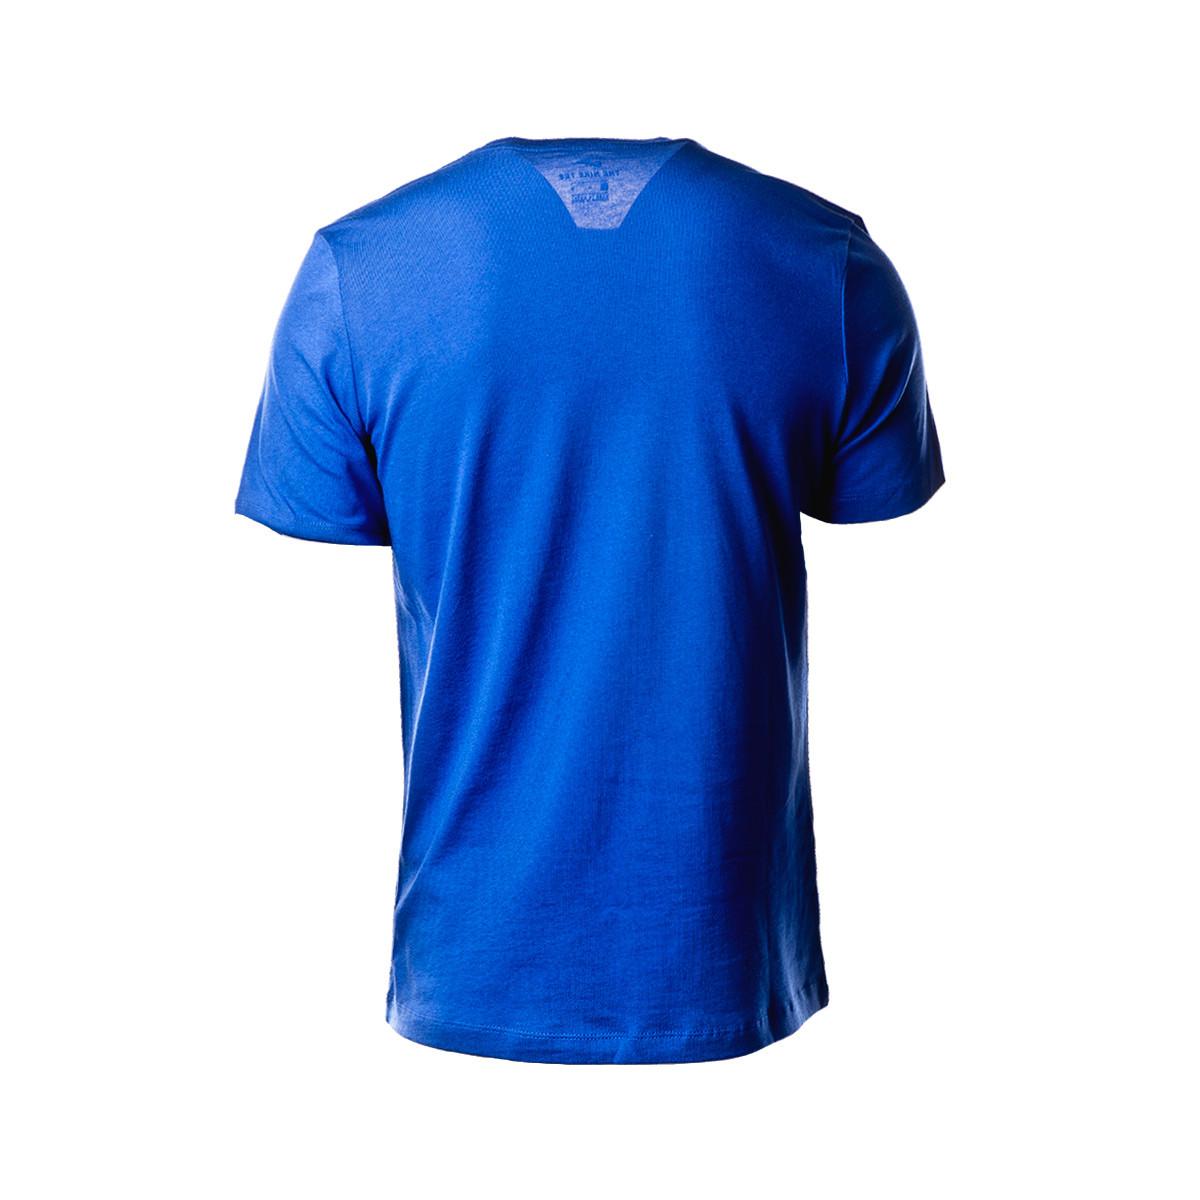 promo code e7279 71000 Camiseta Chelsea FC Kit Story Tell 20189-2019 Rush blue